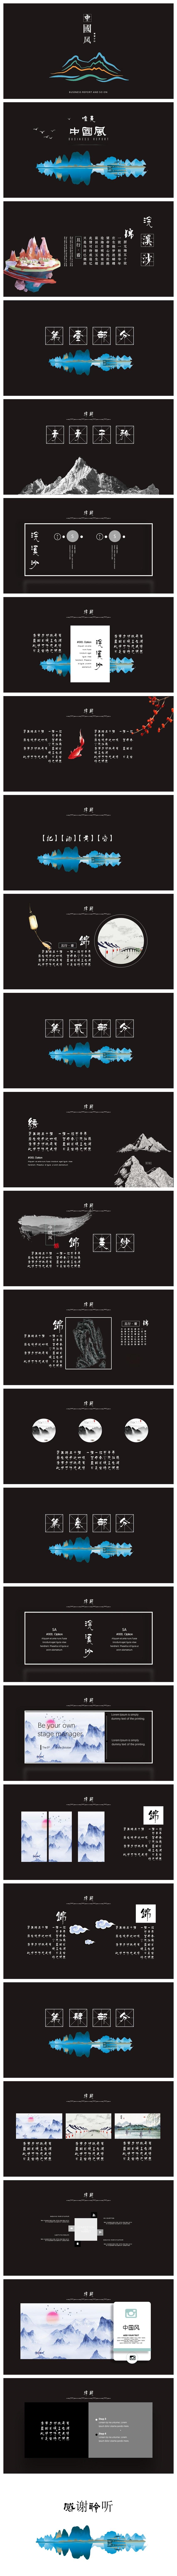 黑色深邃风 庄严大气中国风  通用PPT模板